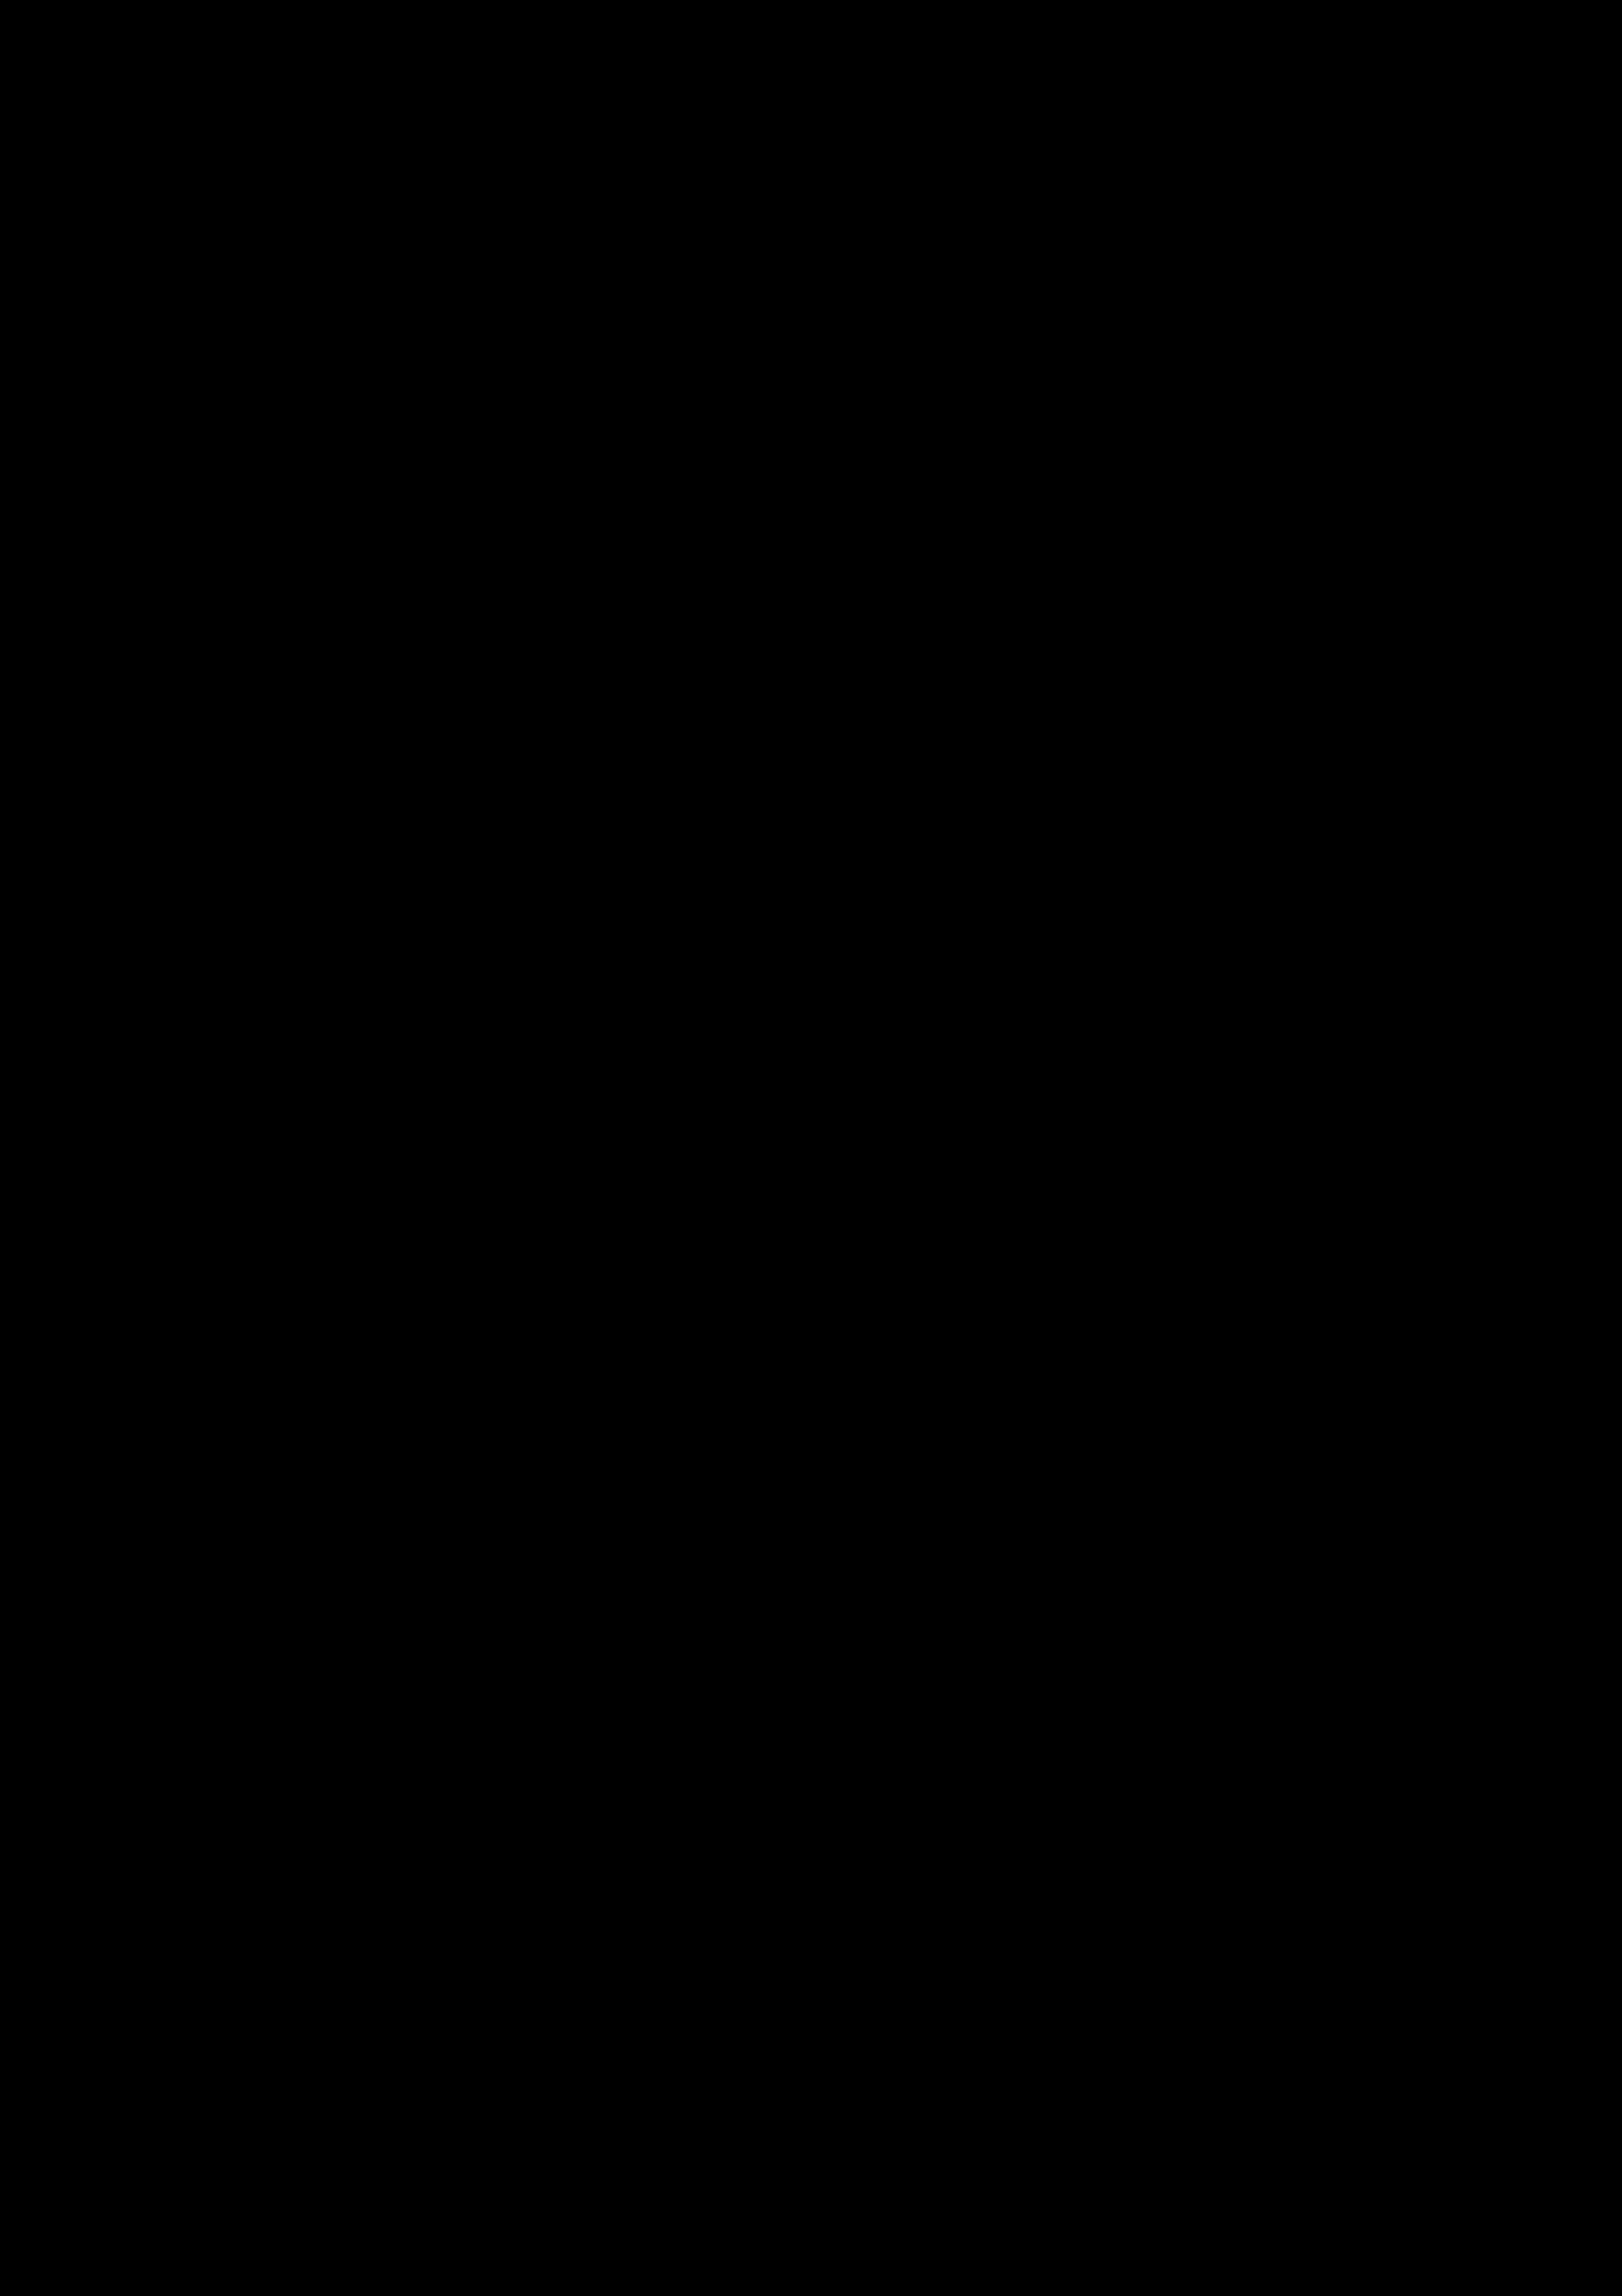 110年度全國性多語多元文化繪本親子共讀心得感想甄選